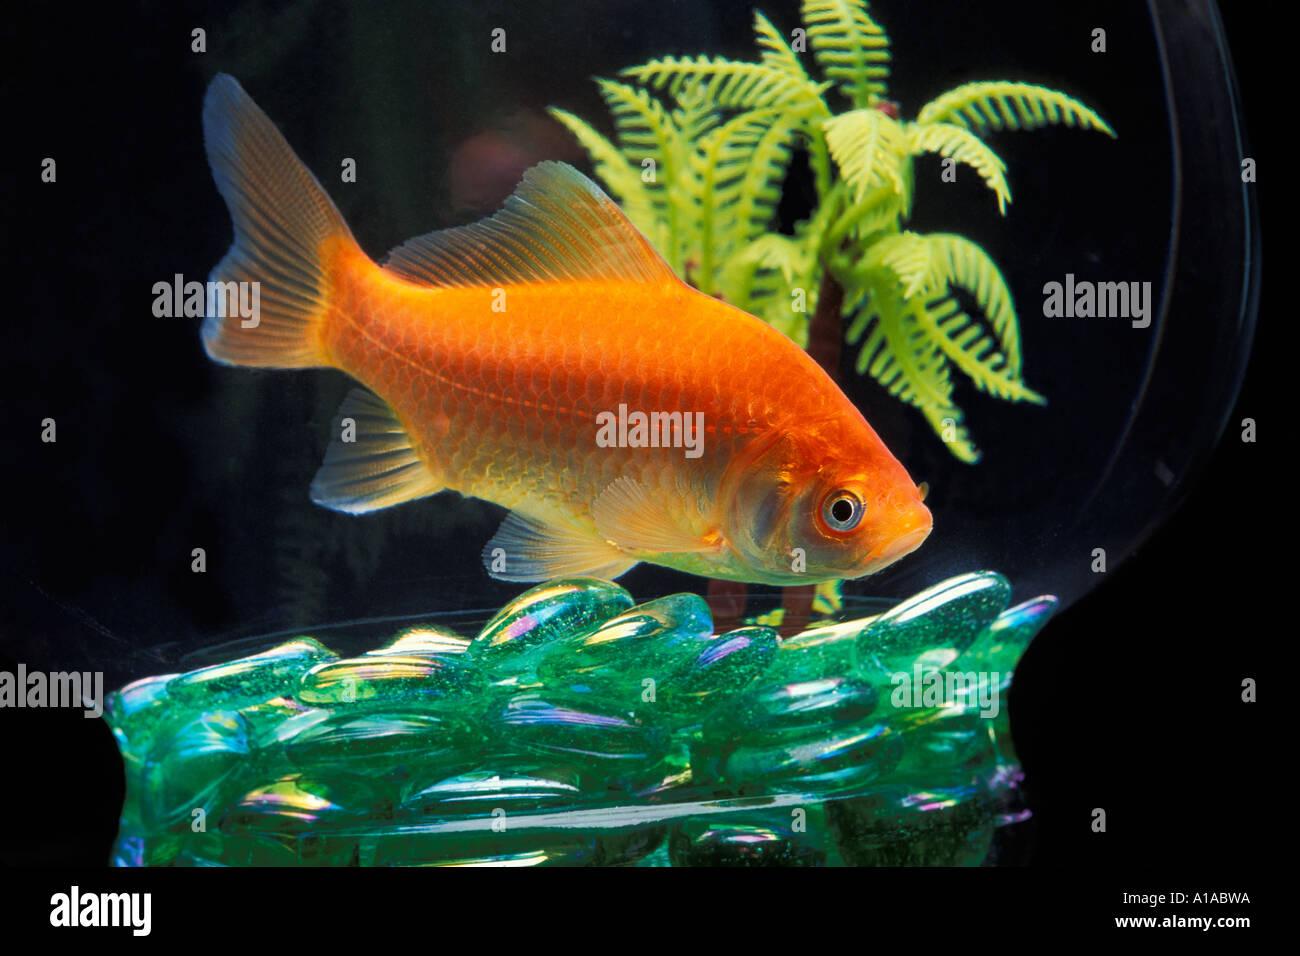 Gold Fish Bowl Stock Photos & Gold Fish Bowl Stock Images - Alamy